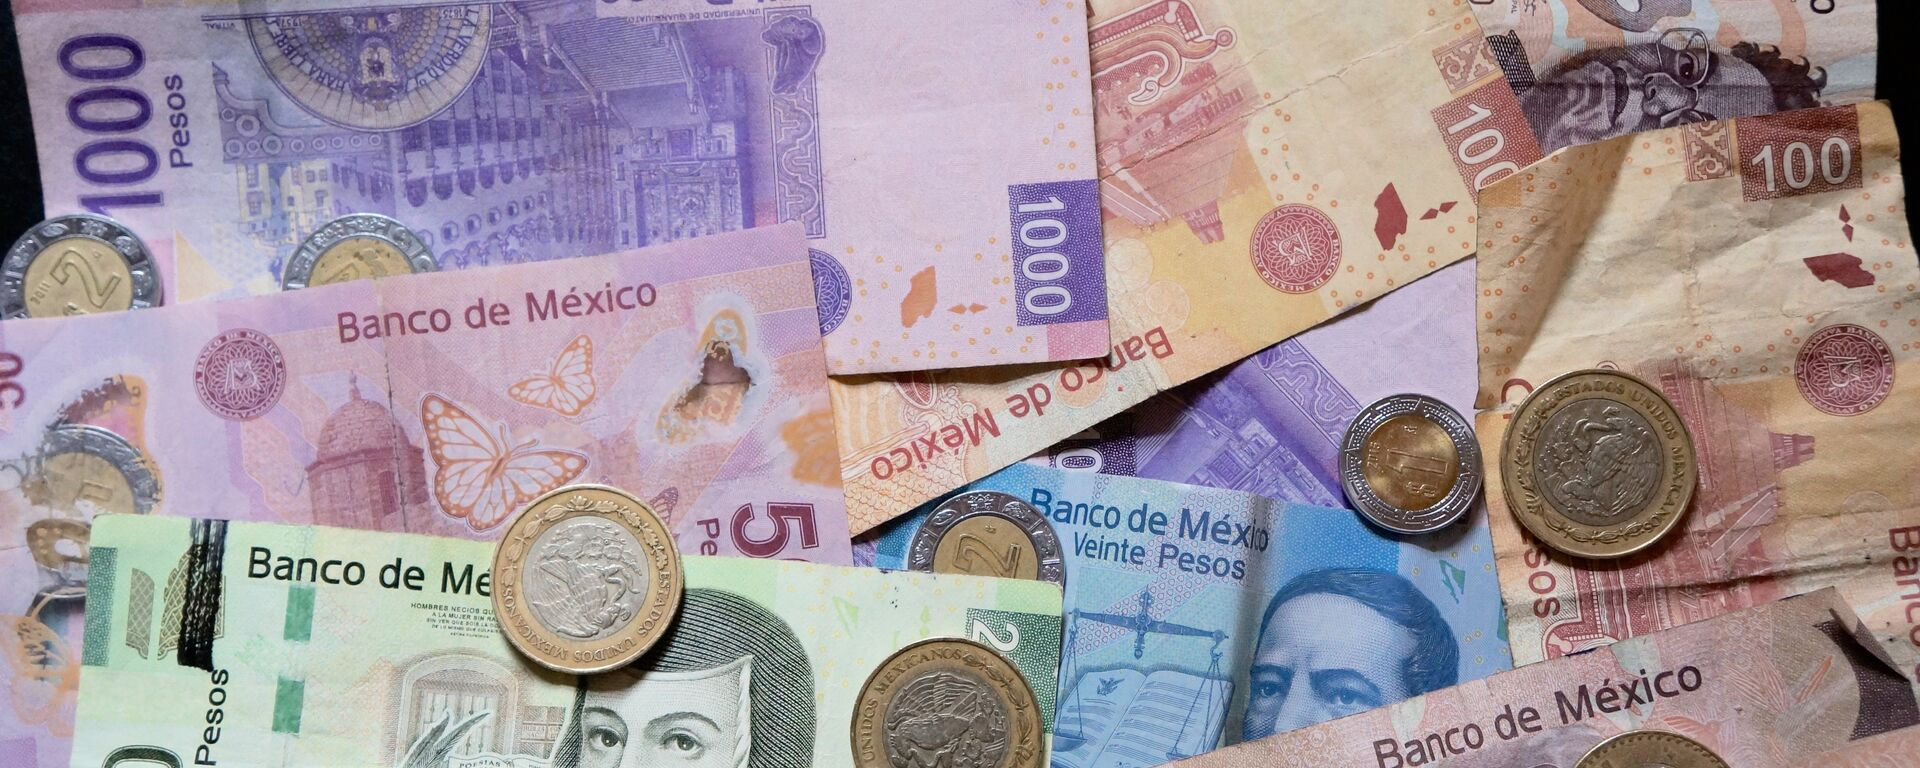 Pesos mexicanos (imagen referencial) - Sputnik Mundo, 1920, 21.05.2021